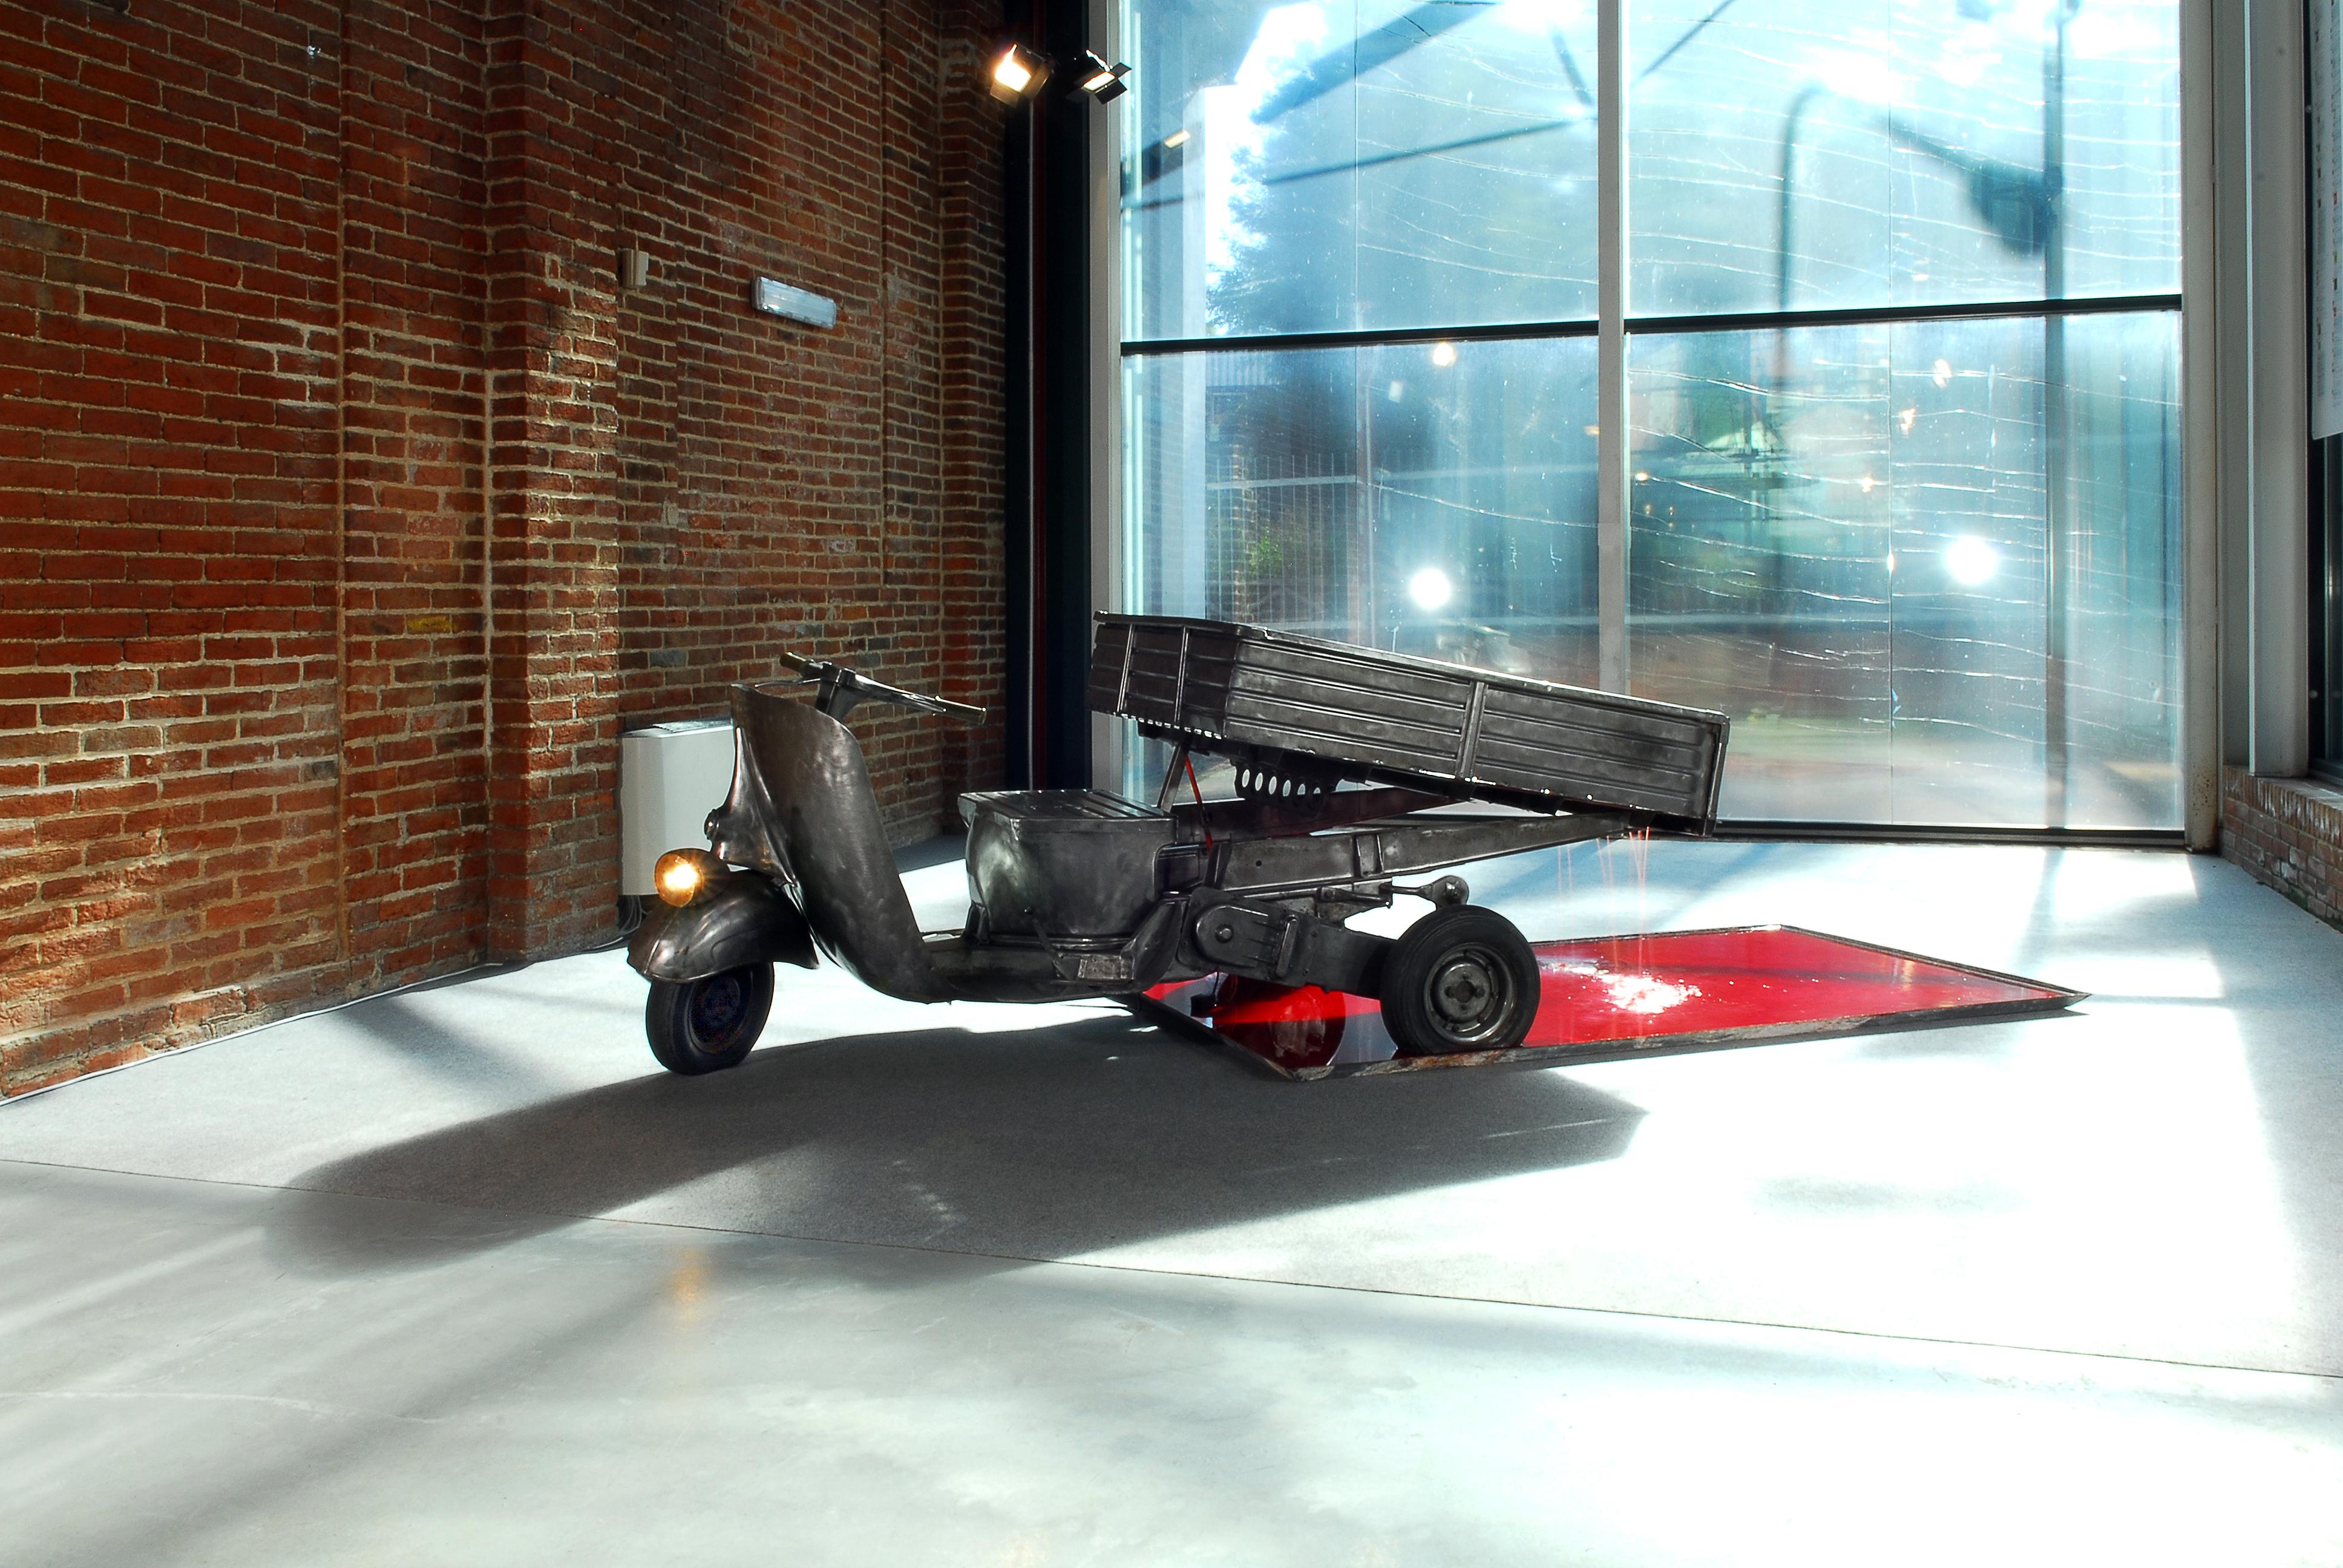 ENRICO IULIANO Ape 2006 Motocarro, lamiera zincata, pompetta a immersione, inchiostro 300/400x128x103cm